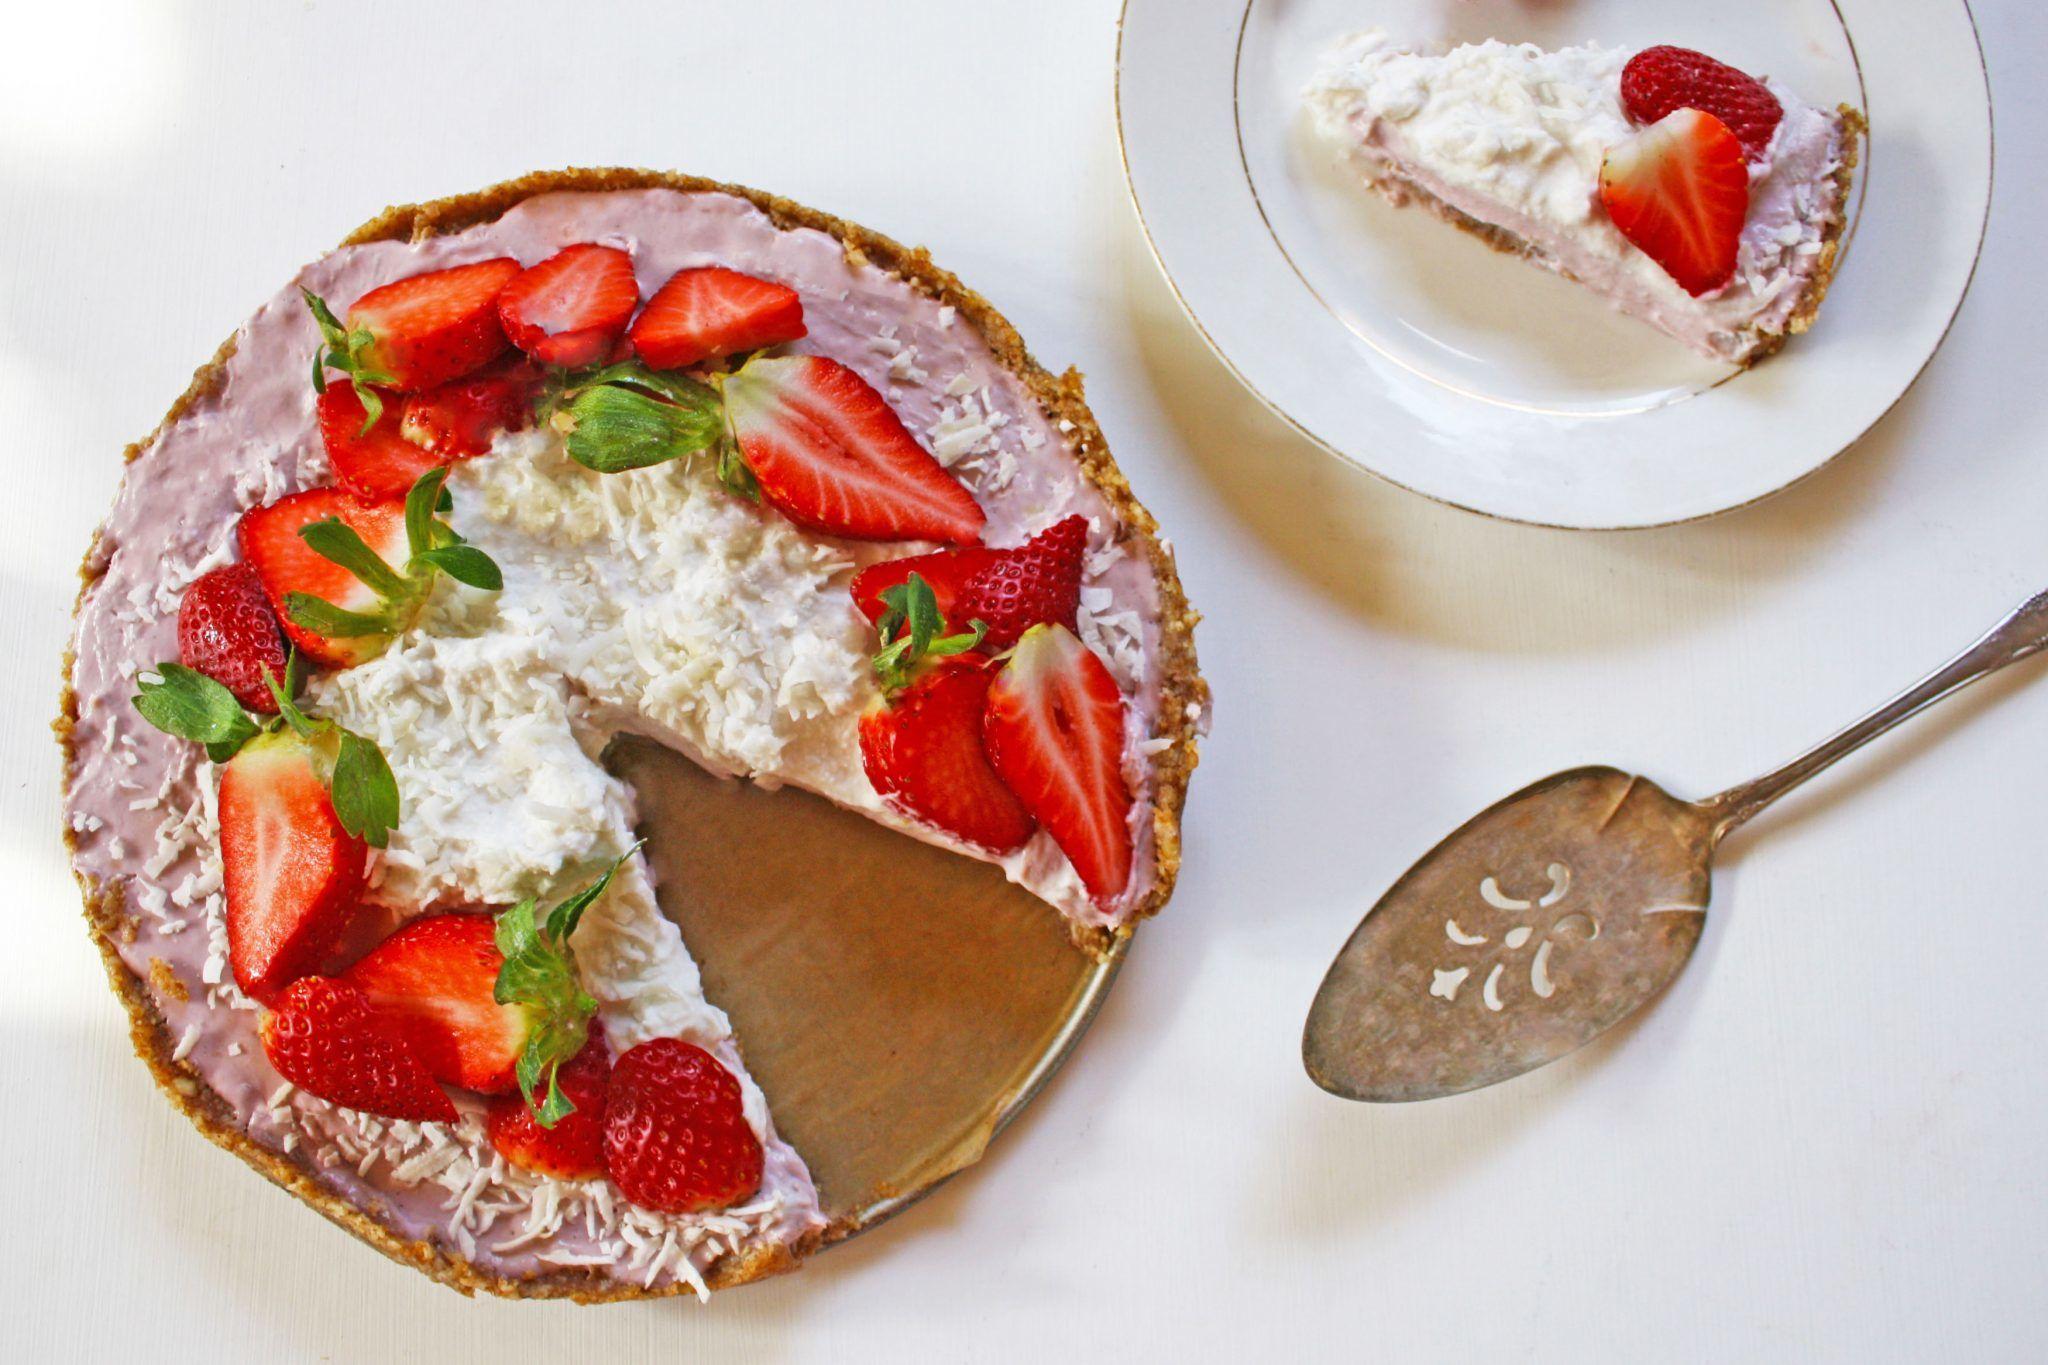 Strawberry Coconut Pie